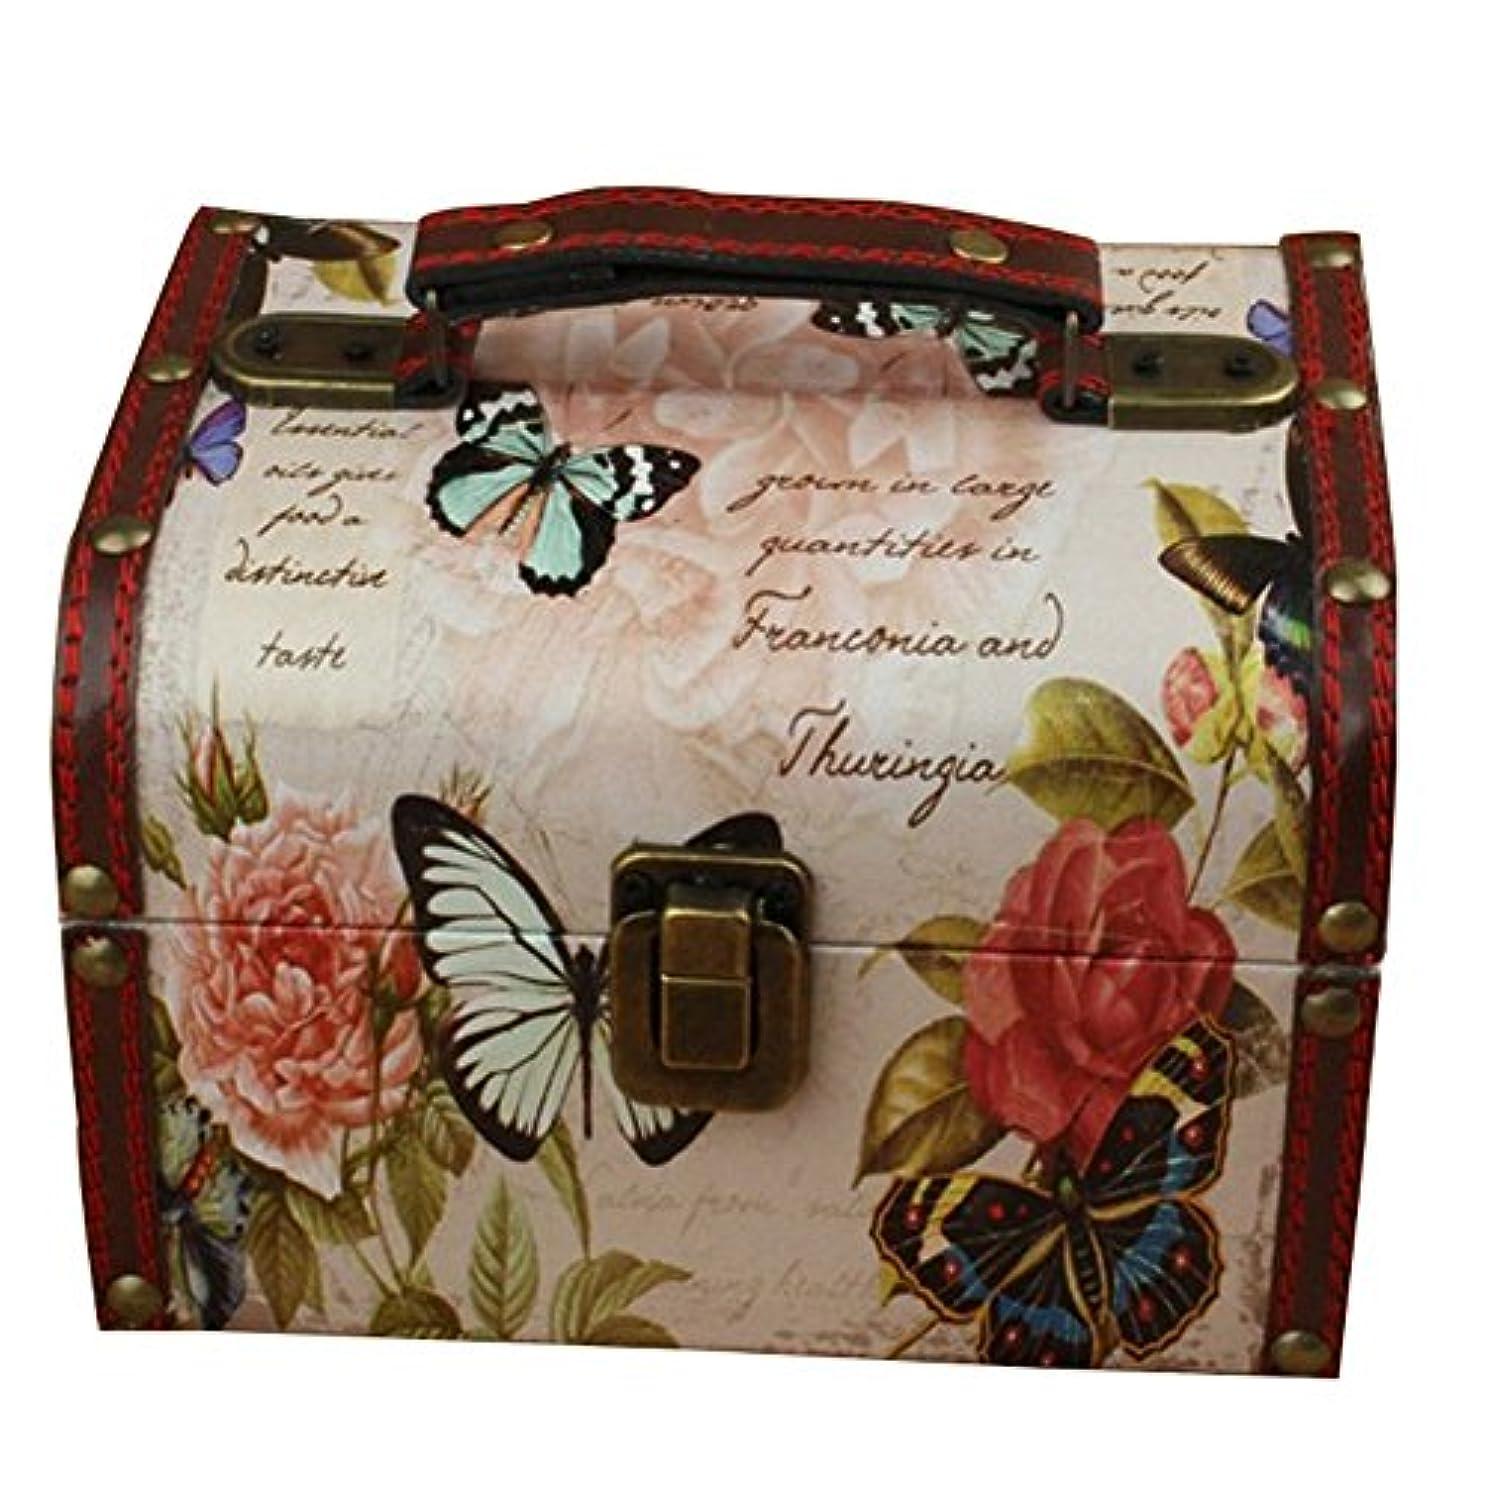 ブロックするトレッド動詞Umora メイクボックス 収納 アンチーク コスメボックス 化粧品 小物 おもちゃ 雑貨 (蝶々)